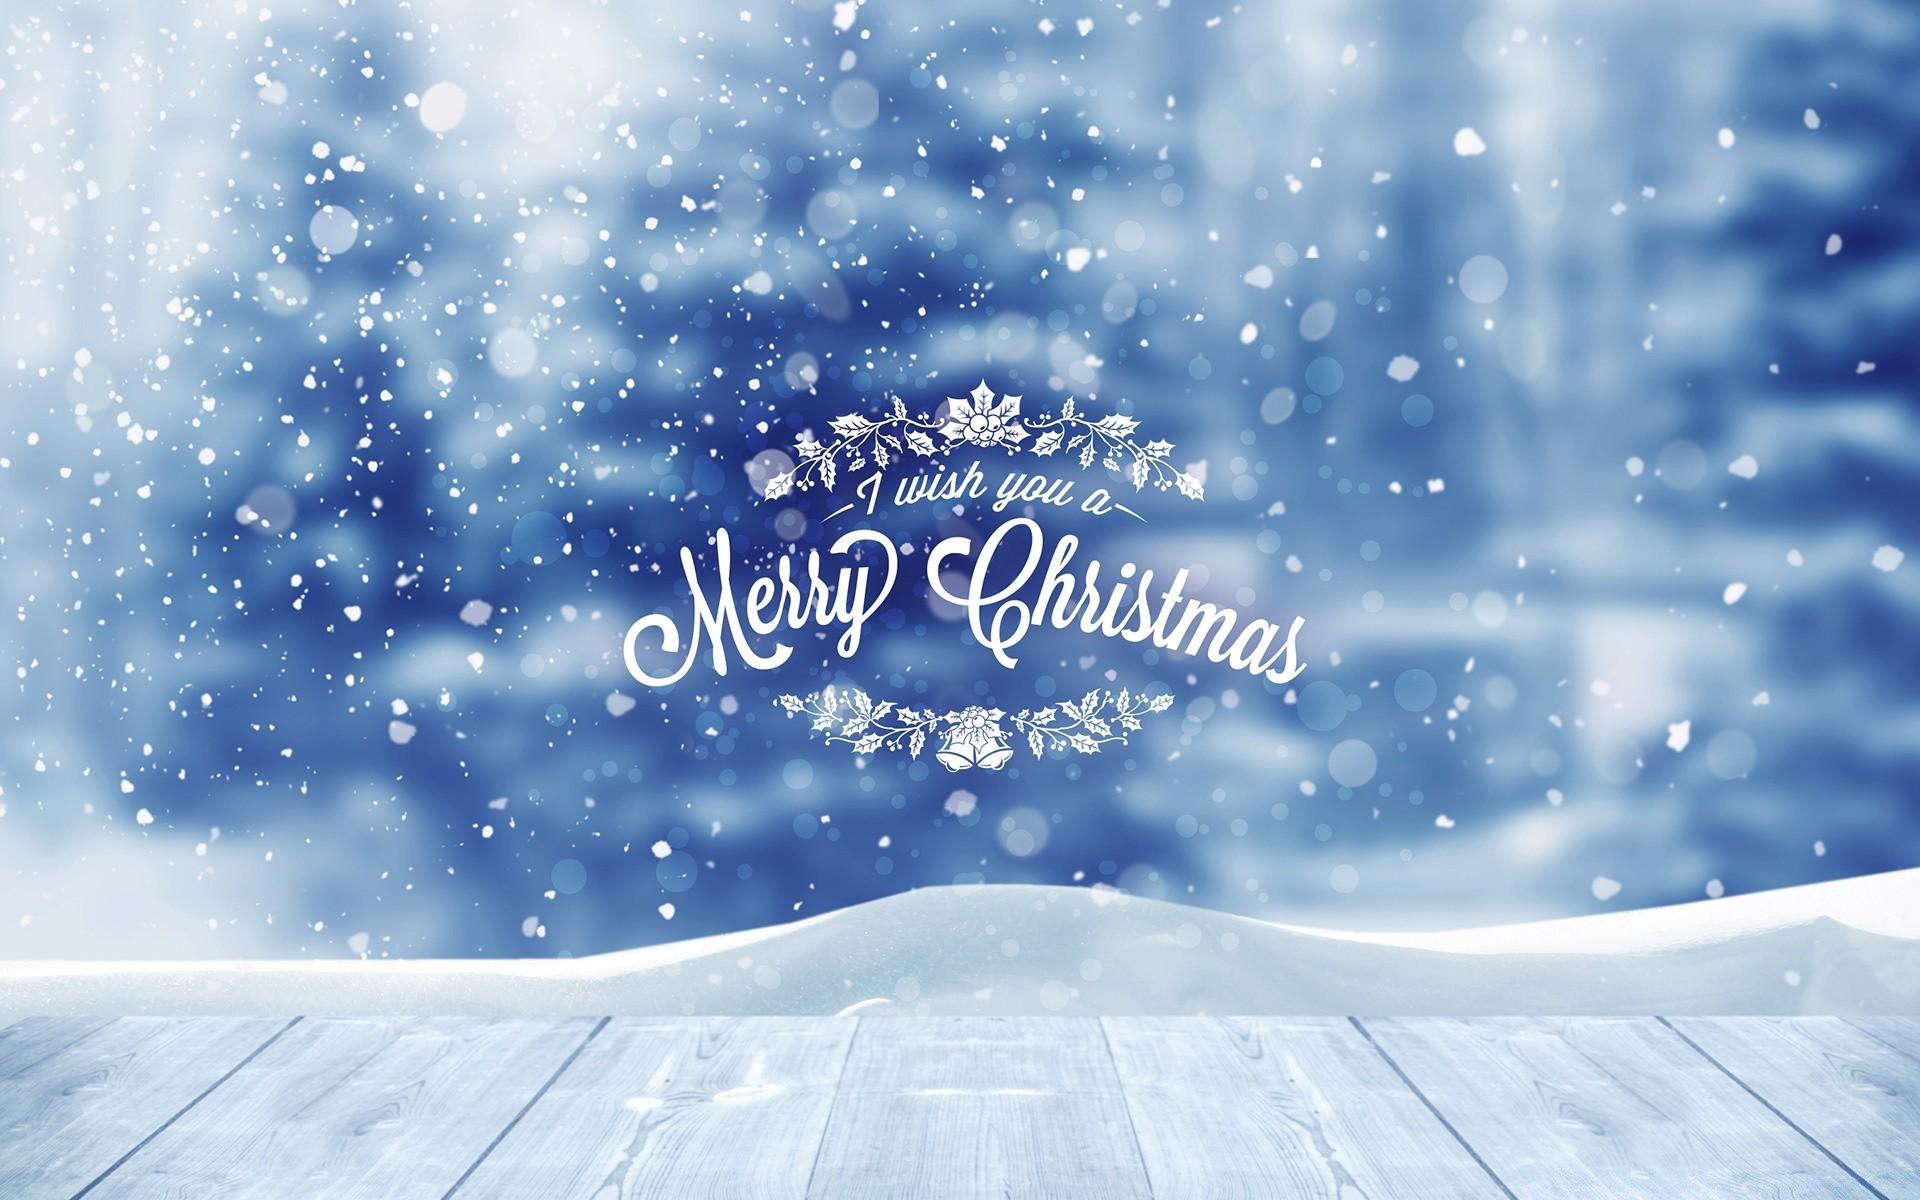 Фон на обложку зима стильная красивые картинки